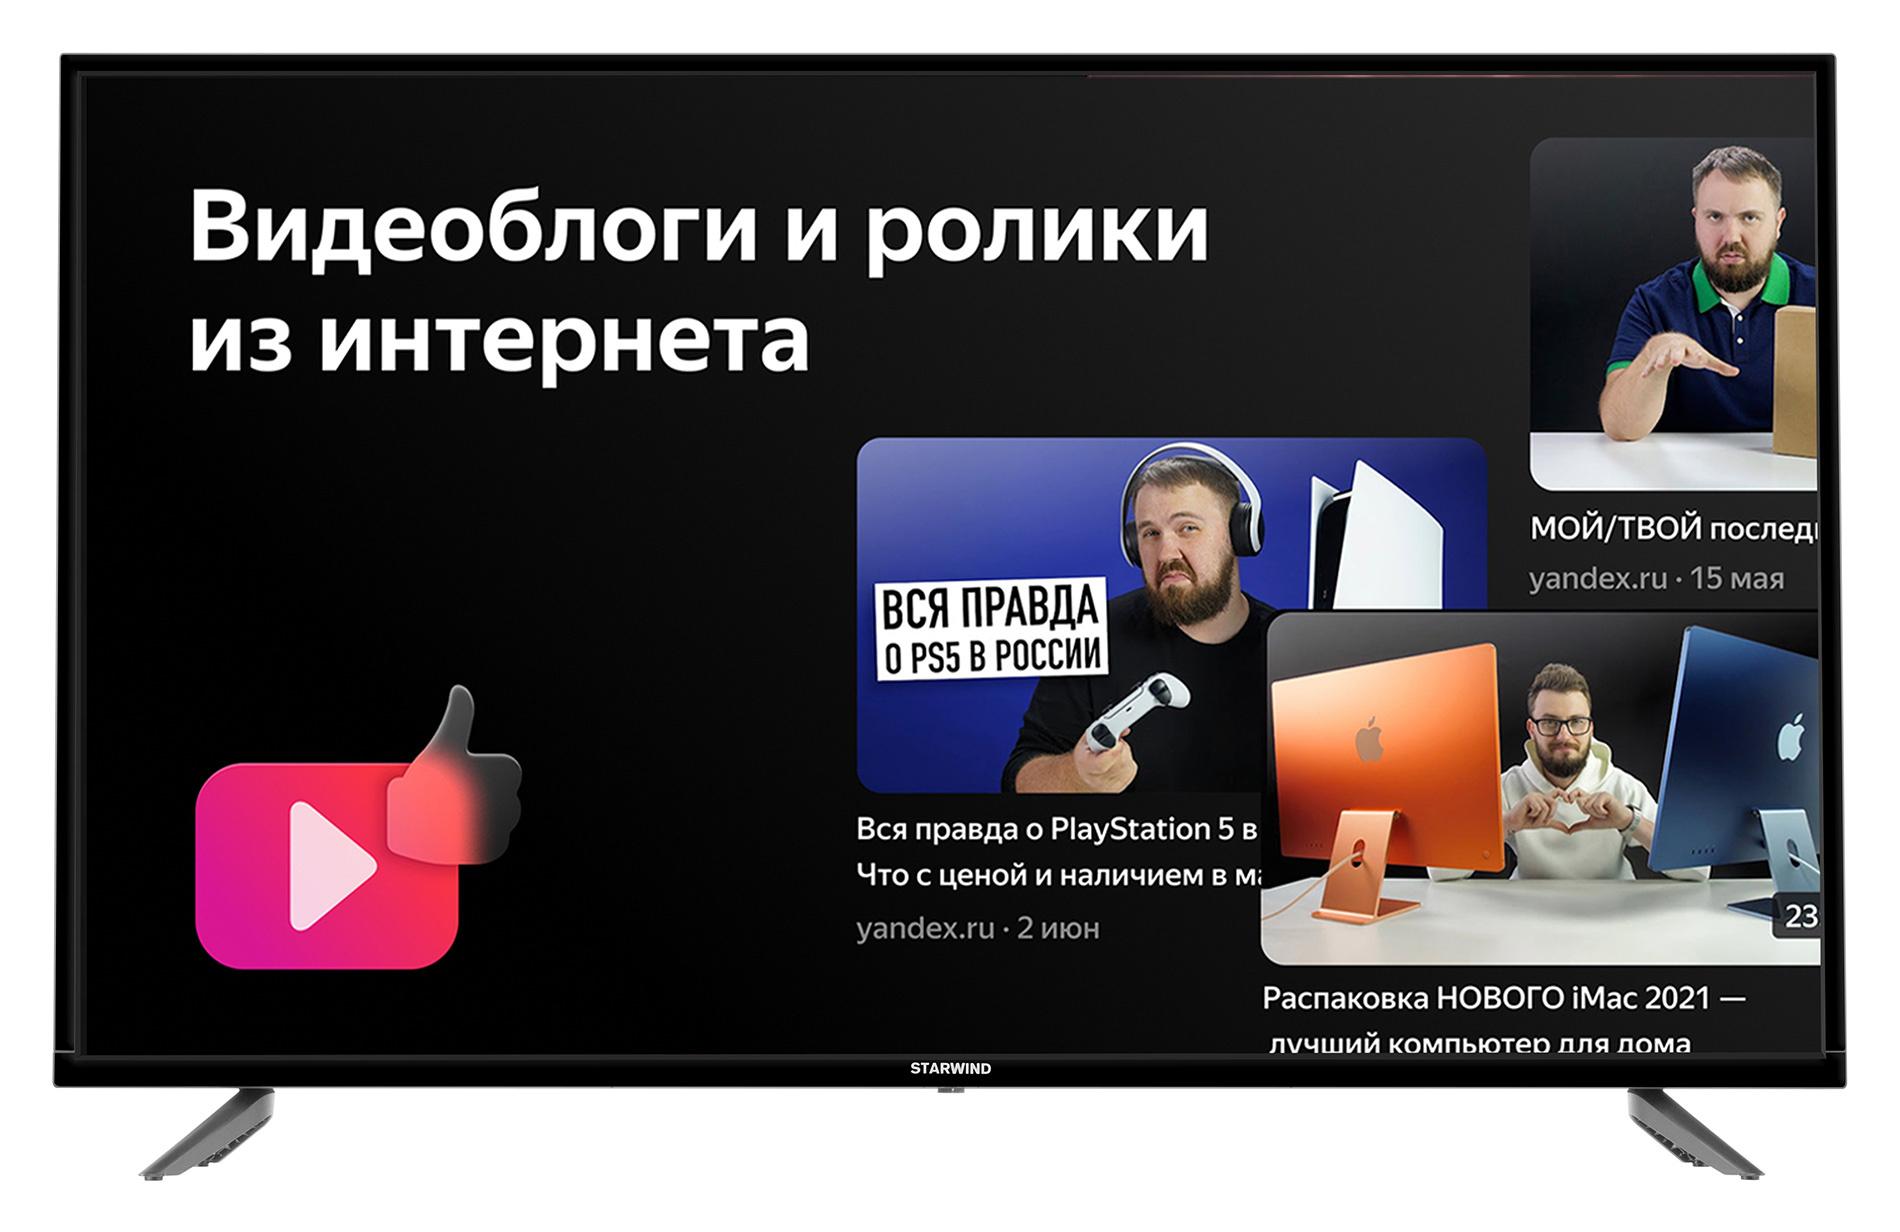 https://images.merlion.ru/145/1451705/1451705_v03_b.jpg